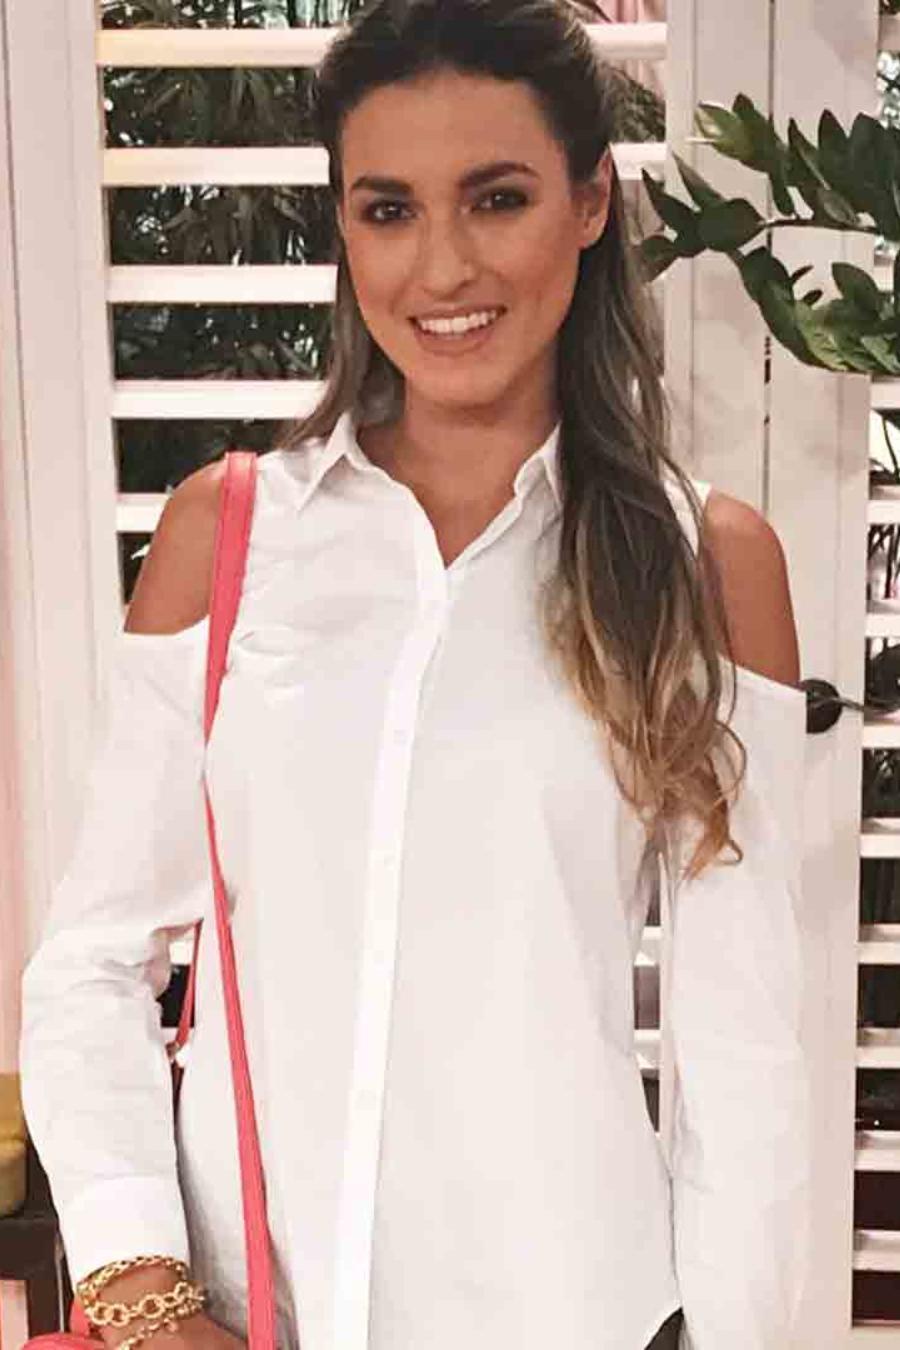 Modelo con camisa blanca